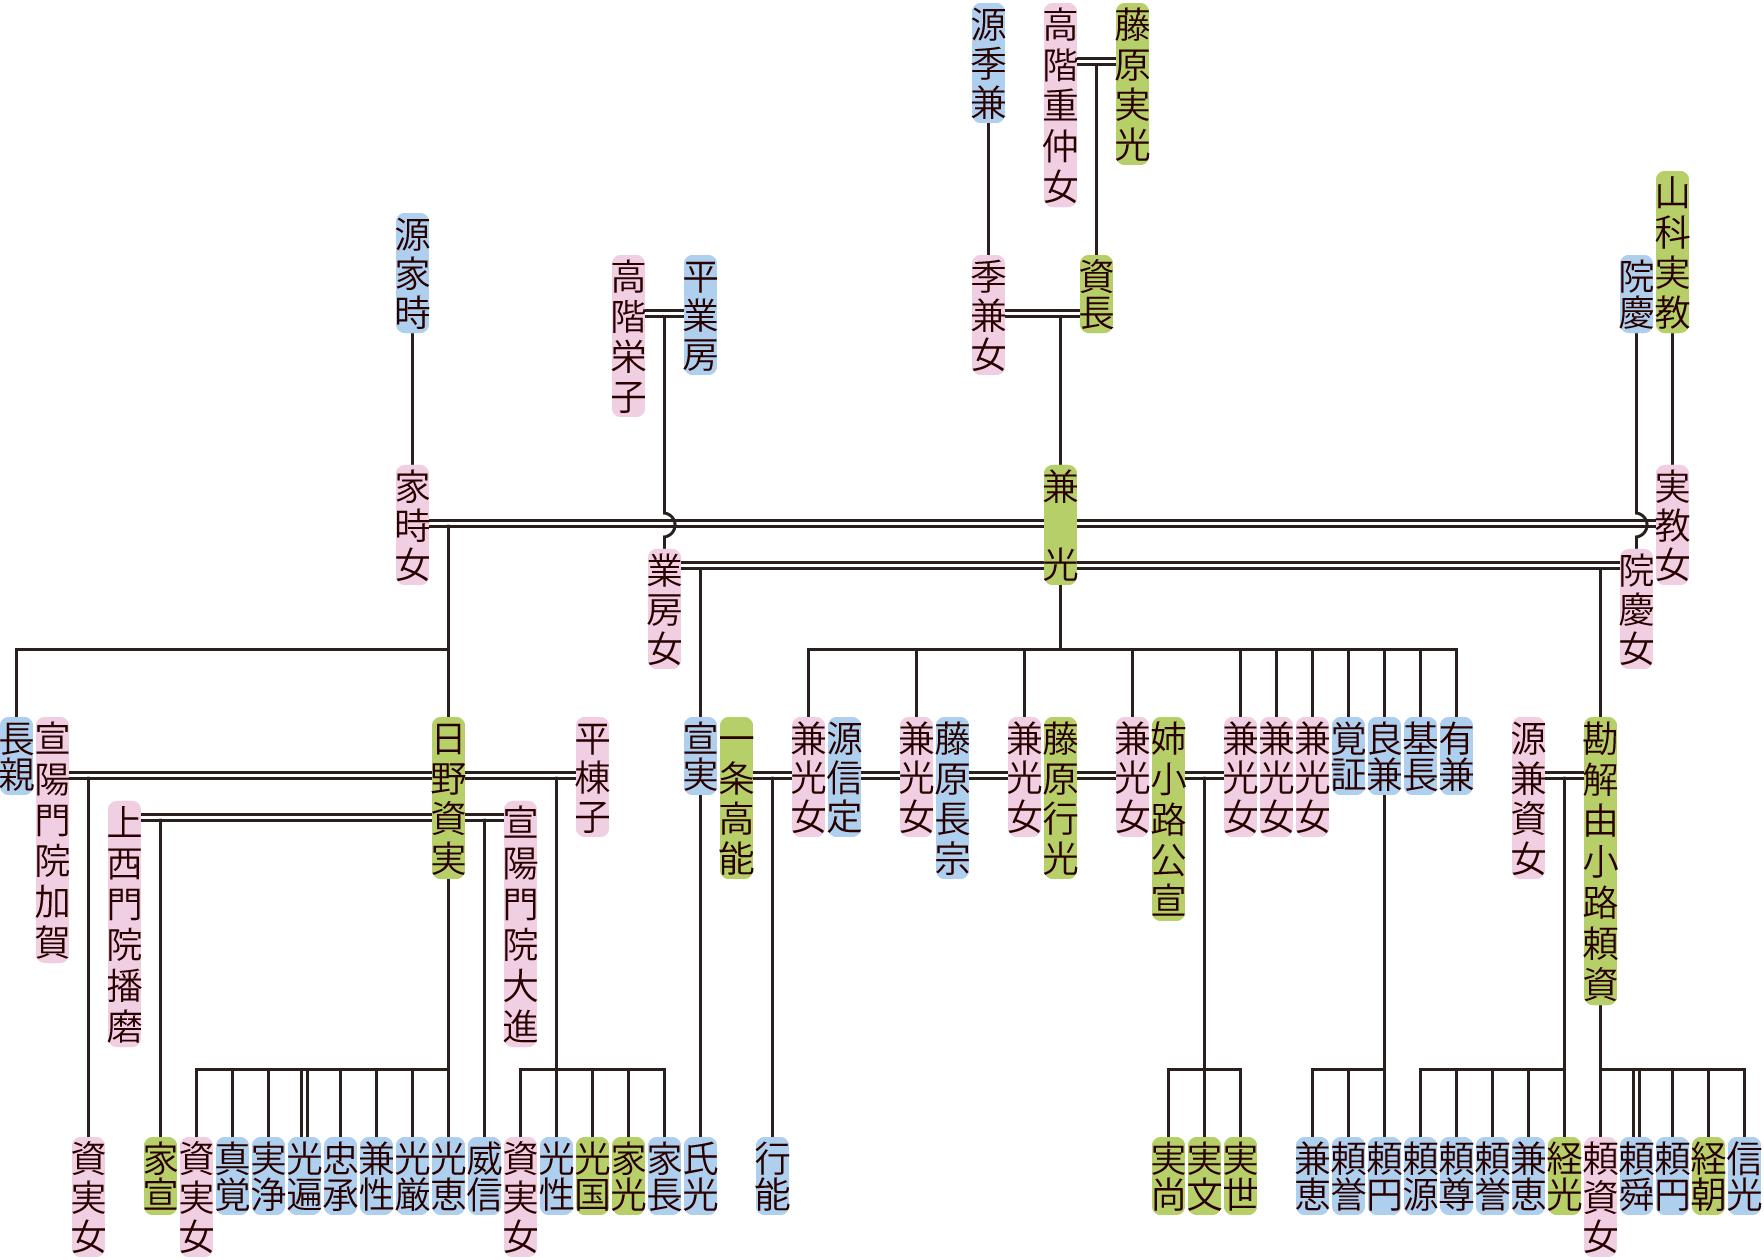 藤原兼光の系図